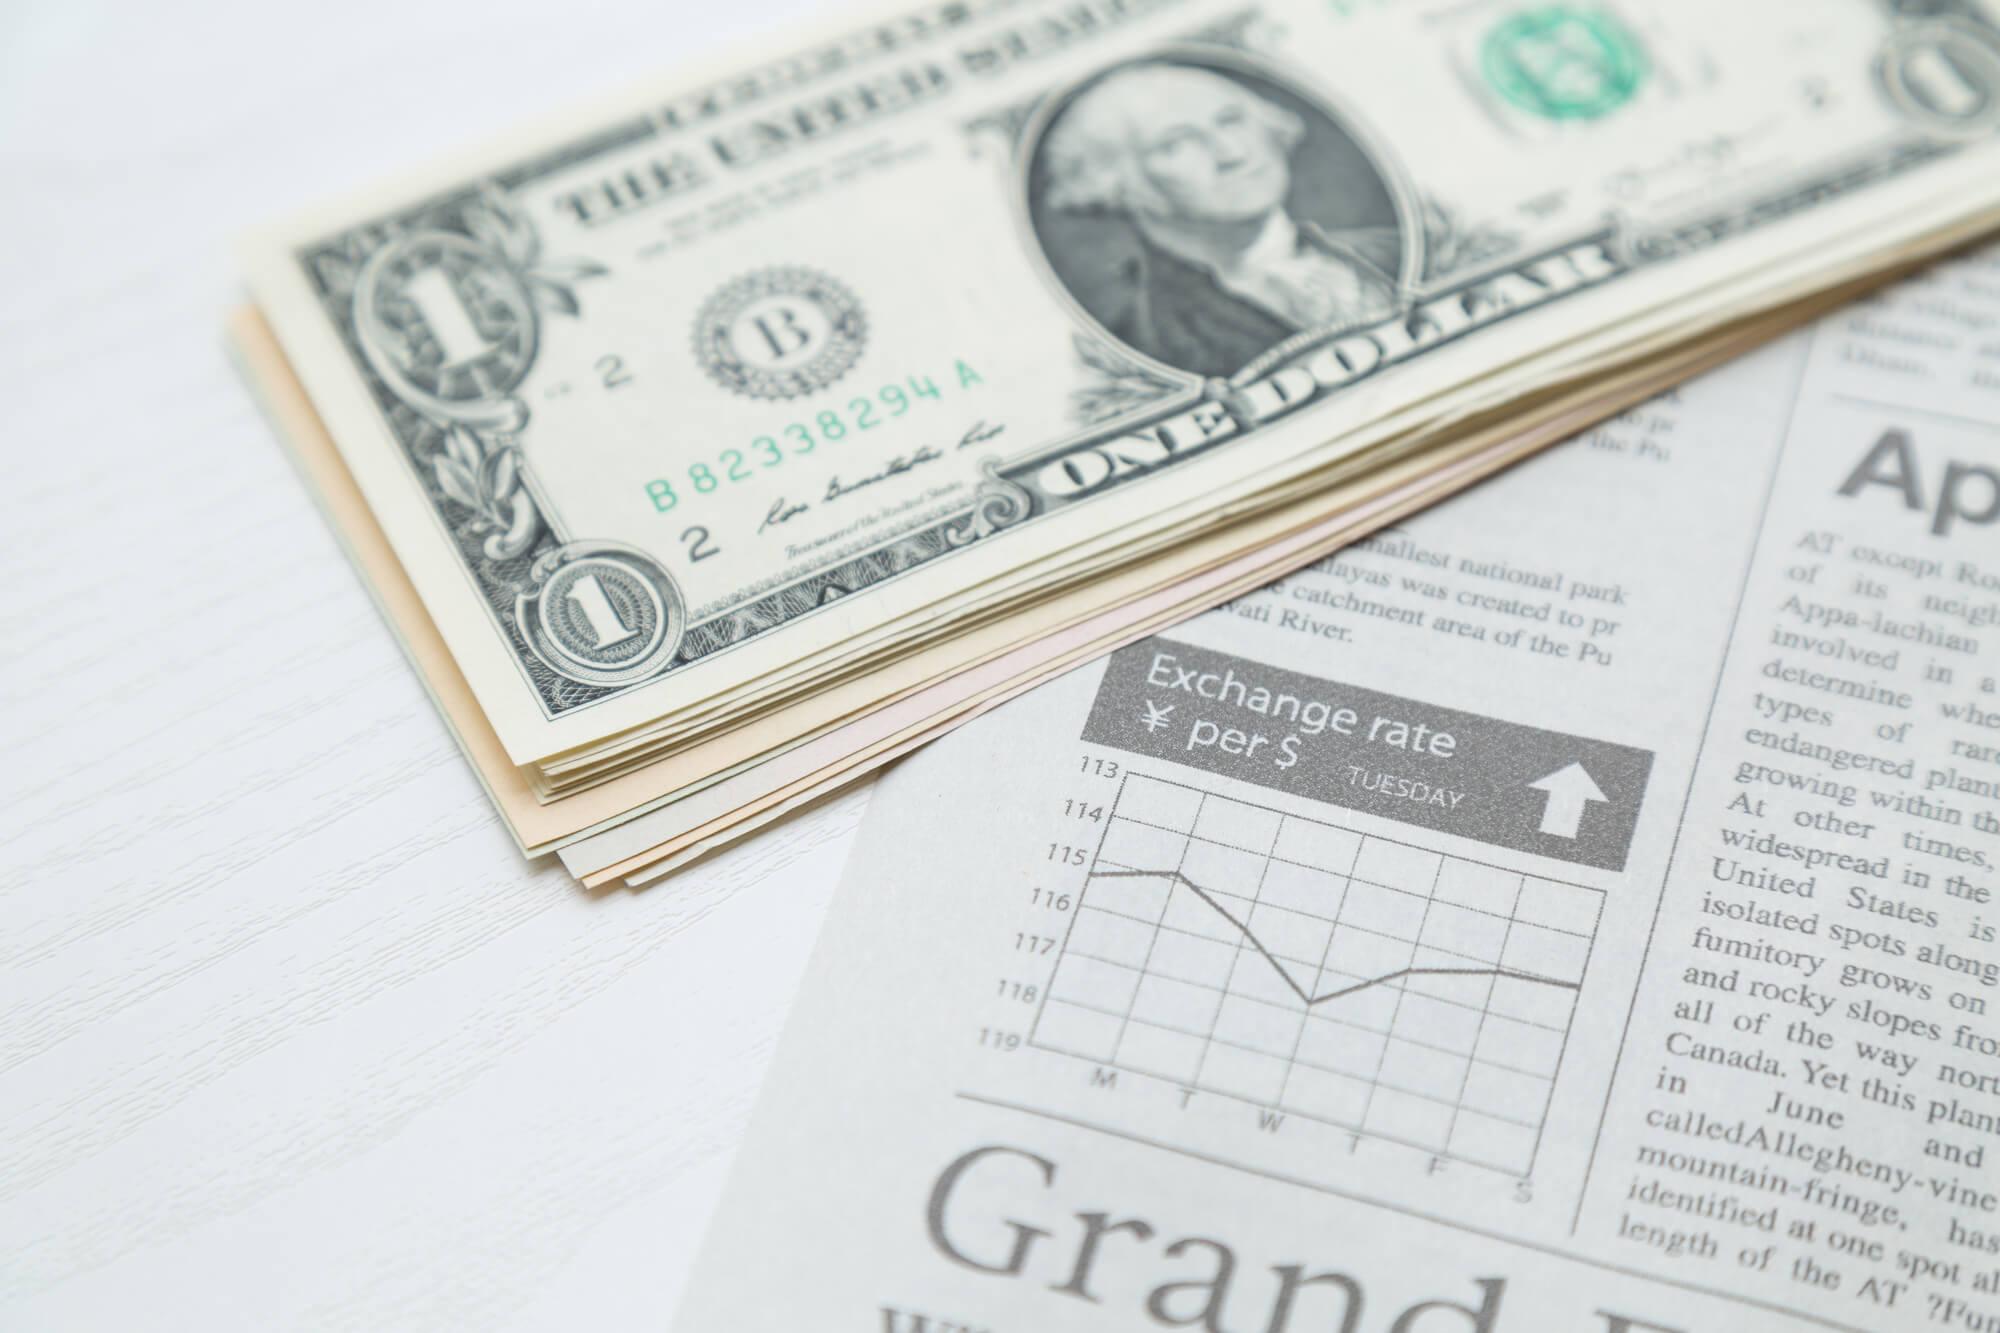 募集株式の発行とは?ファクタリングの違いと合わせて解説